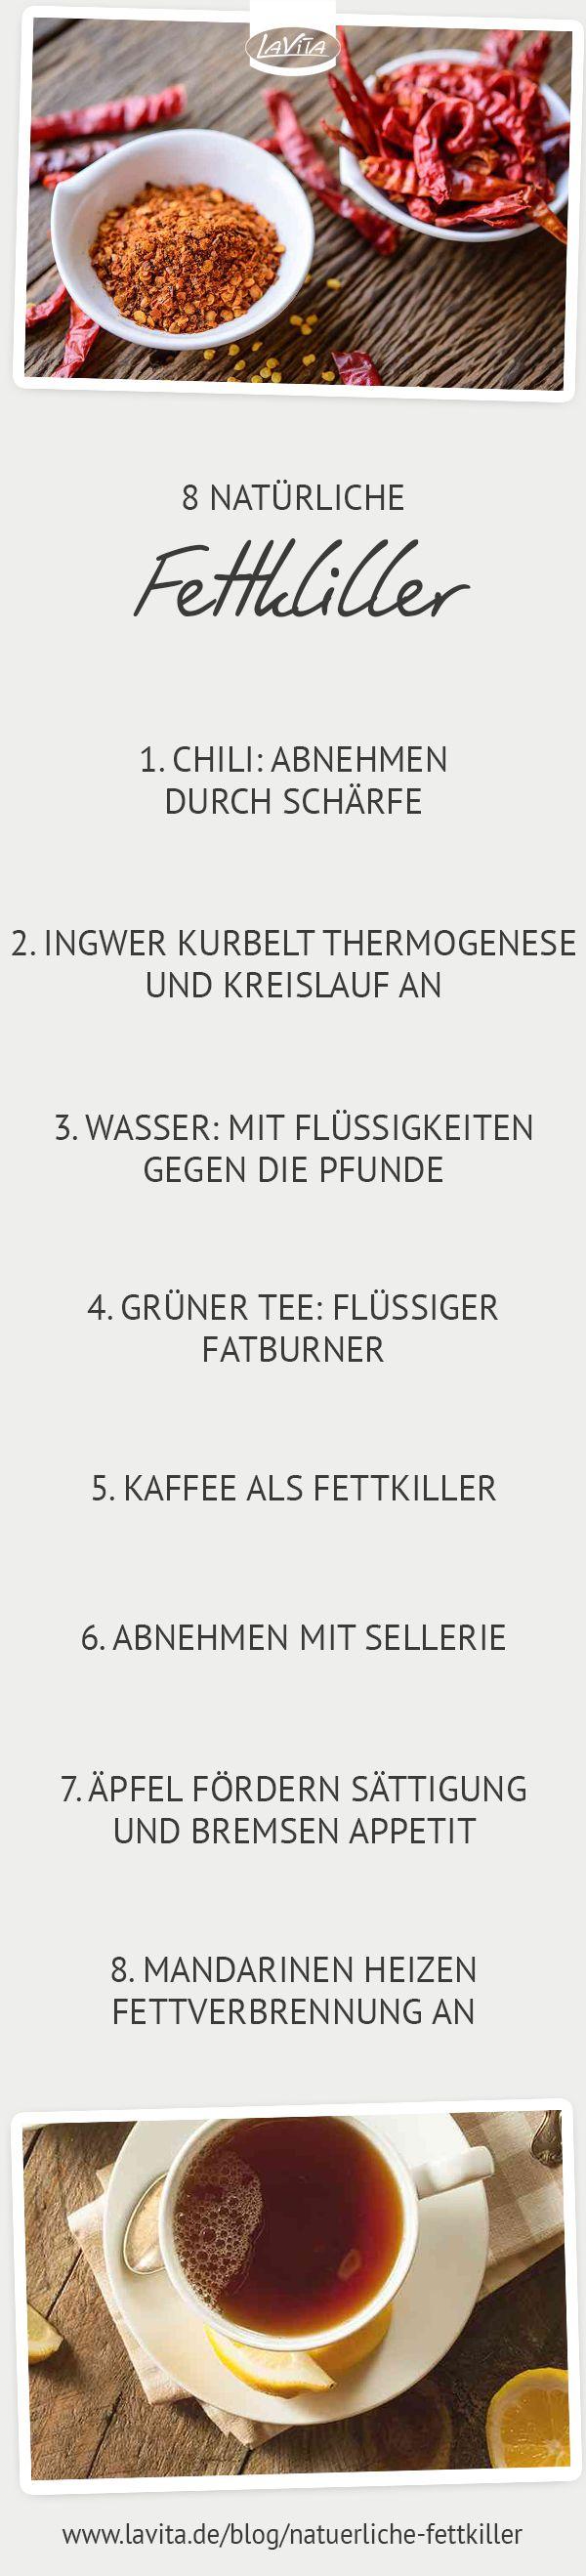 #Natürliche #Fettkiller als Unterstützung beim #Abnehmen. #ernährung #diät #gesundabnehmen